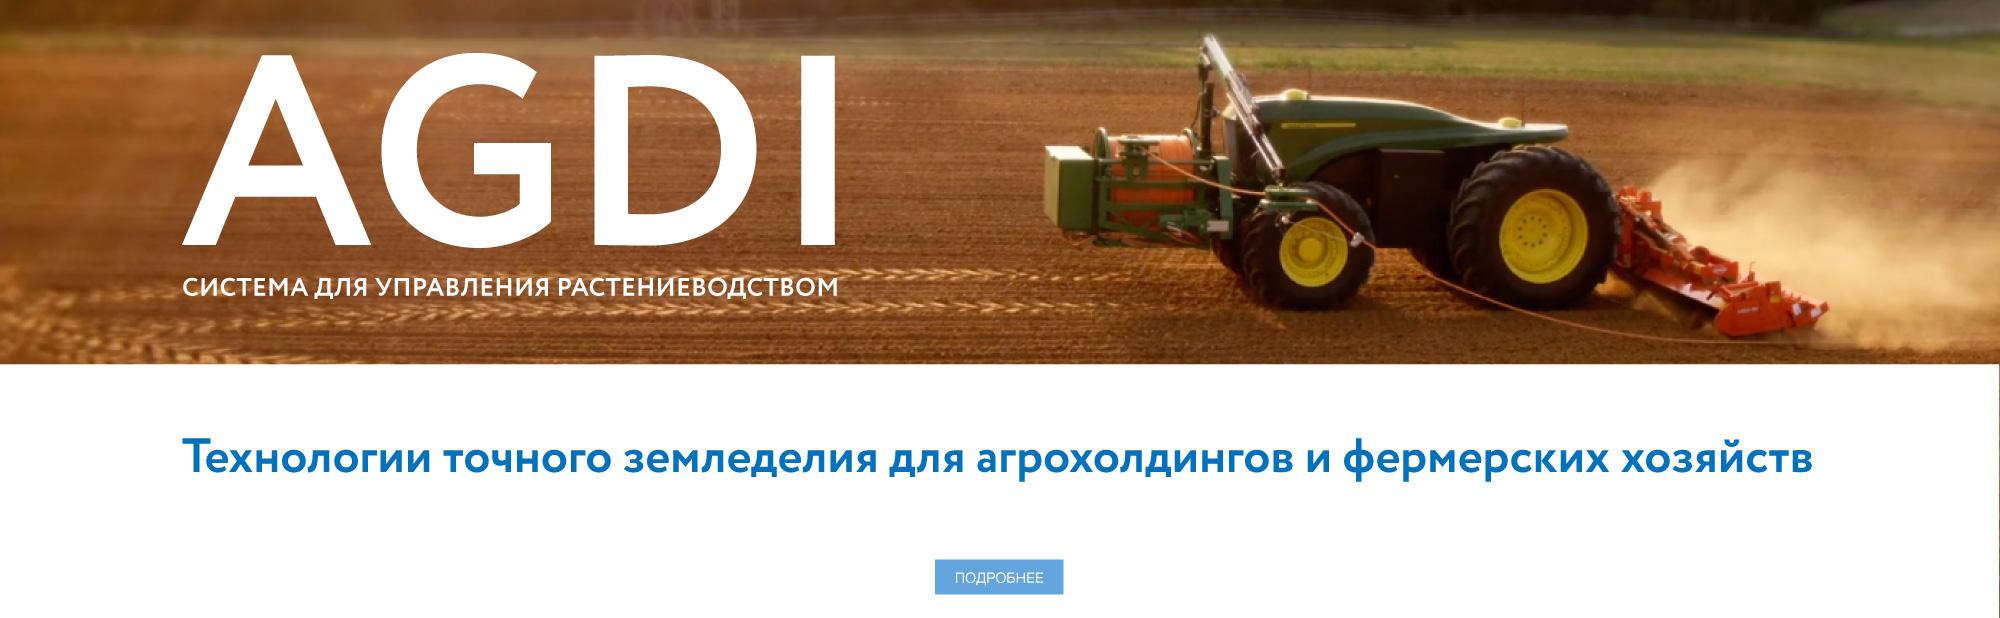 agdi.1cps.ru